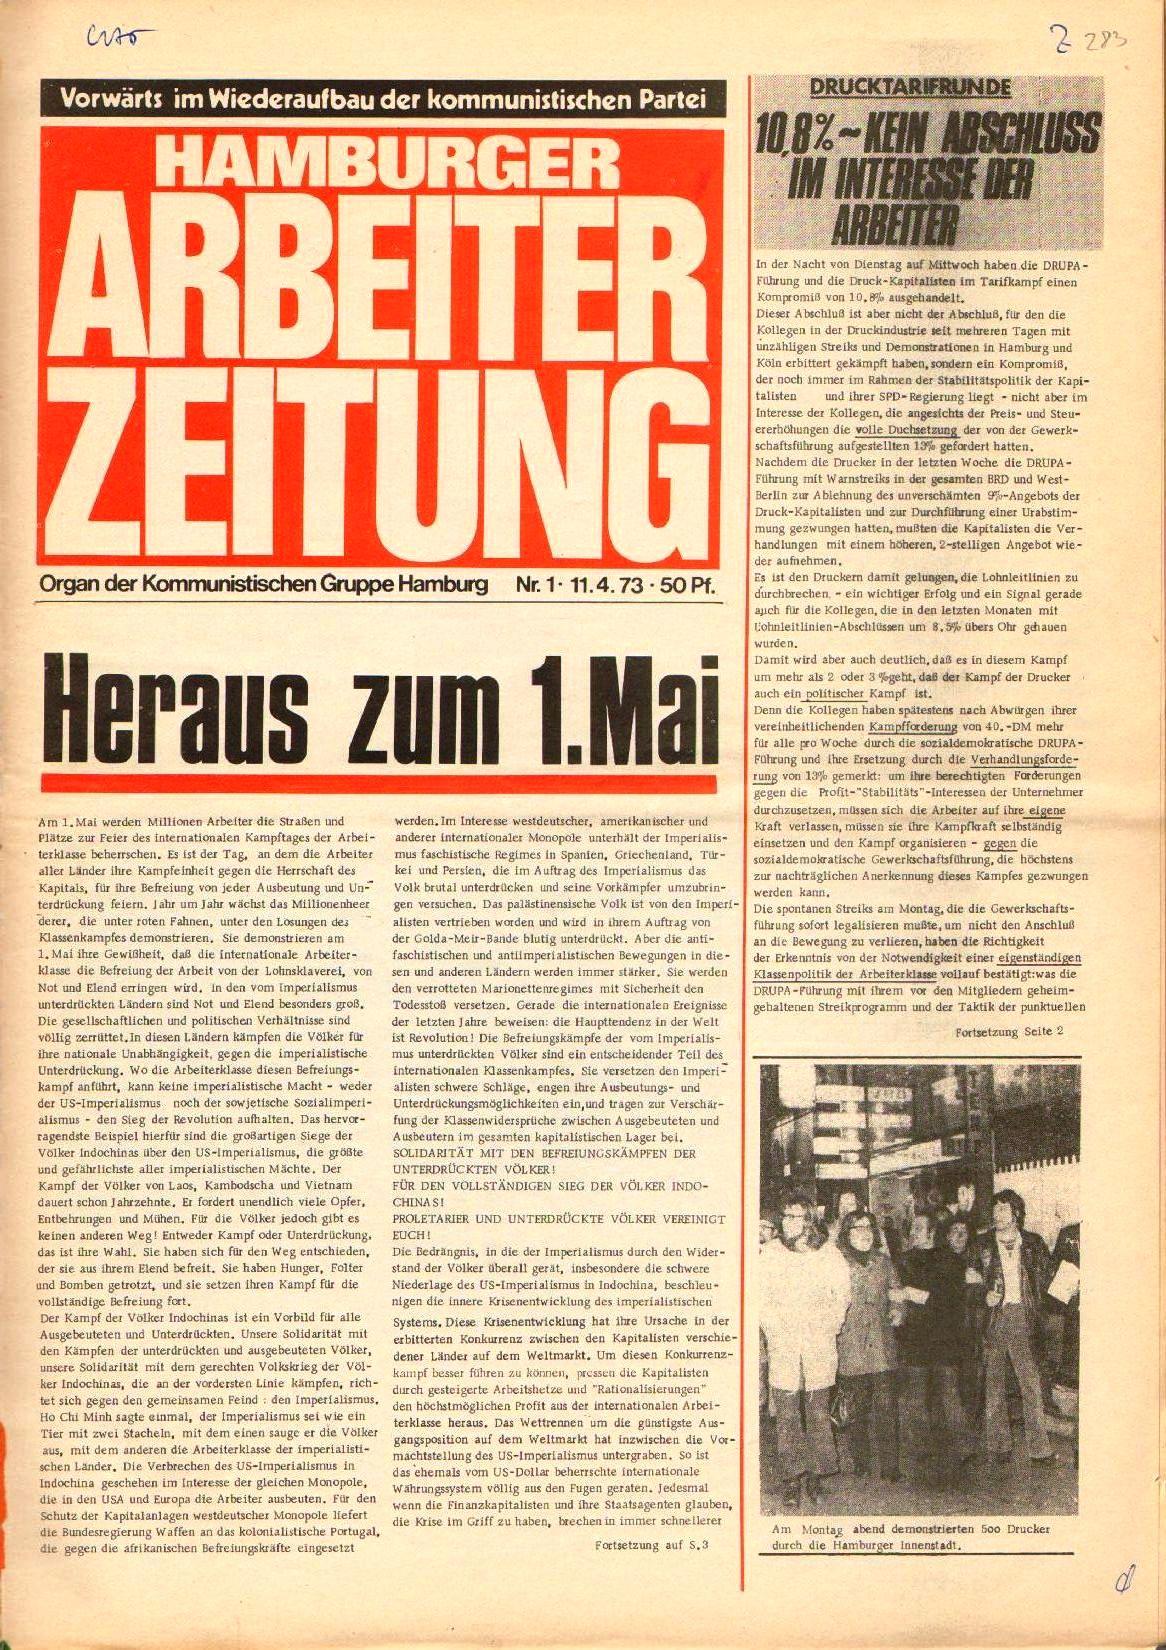 Hamburger_Arbeiterzeitung001